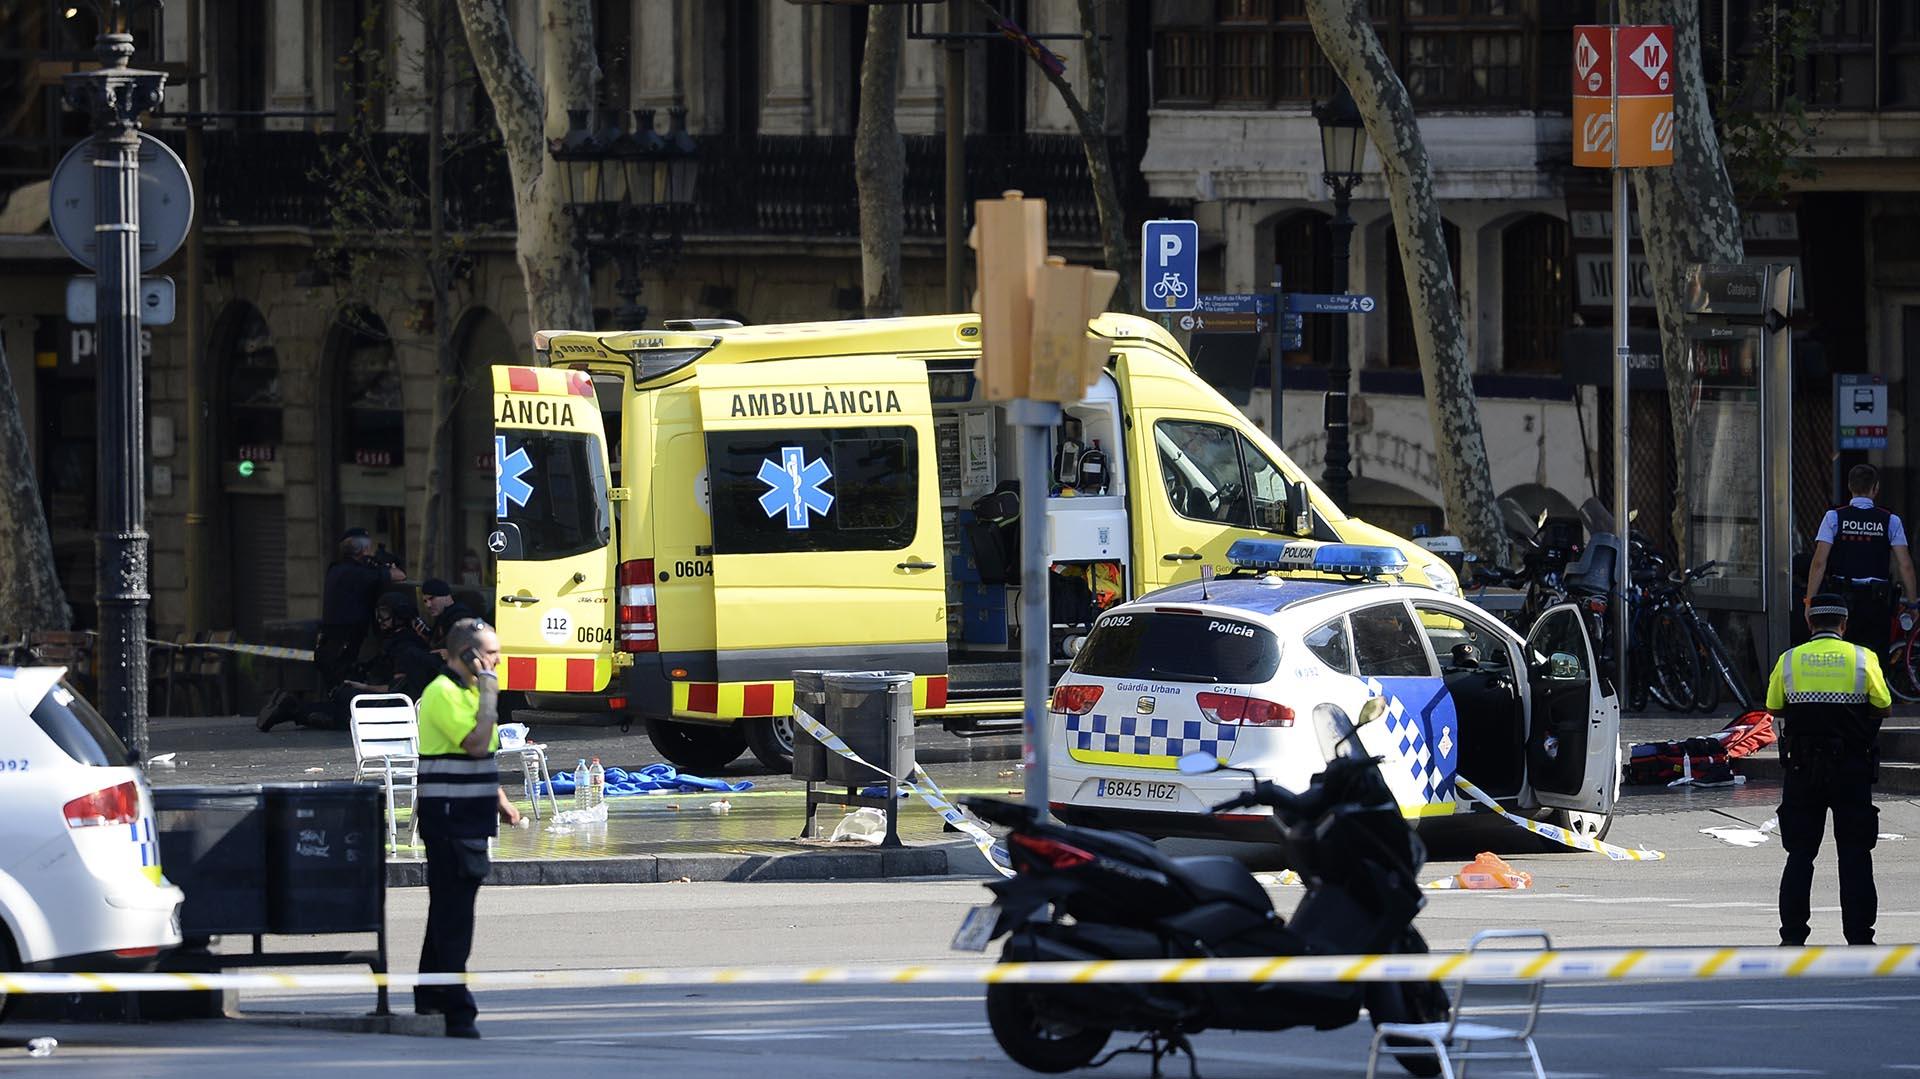 Al menos 13 personas murieron este jueves y más de 100 resultaron heridas en el atropello masivo en el centro de la ciudad española de Barcelona. El consul argentino en Barcelona, Alejandro Alonso Sainz, confirmó que hay dos argentinos heridos